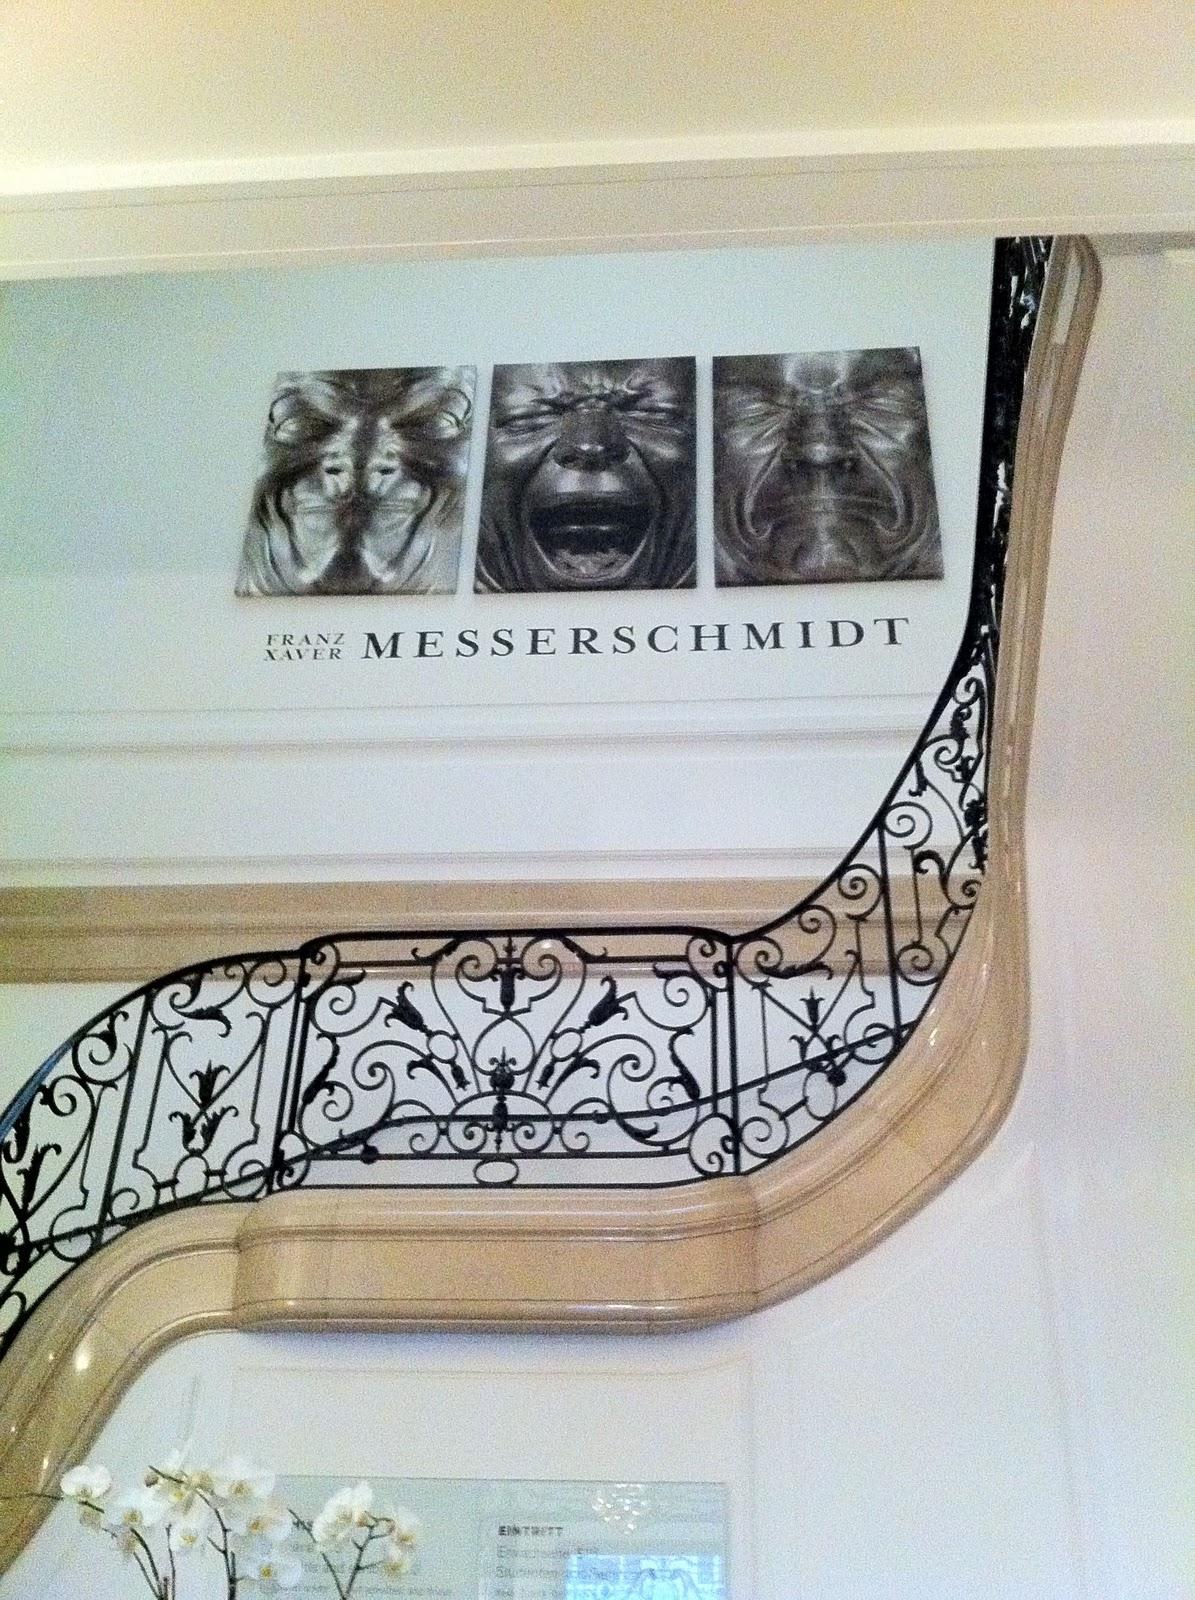 The Neue Galerie